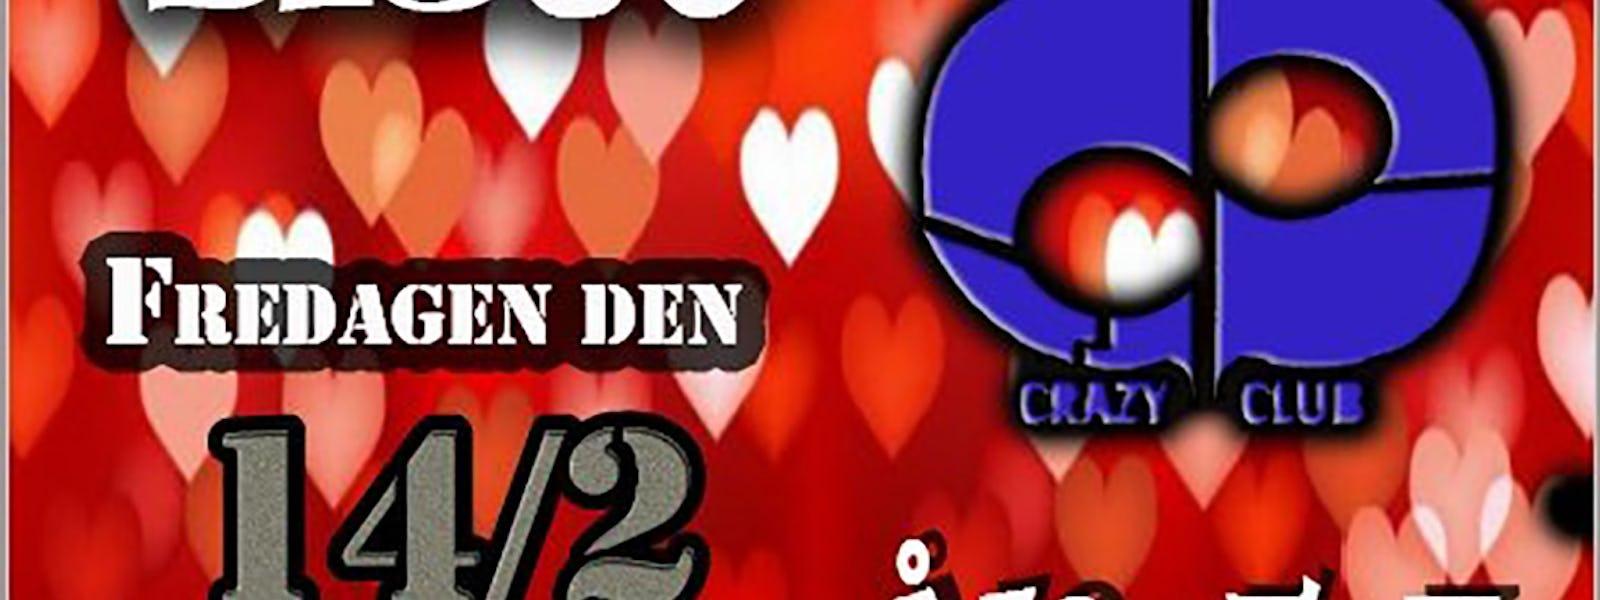 Bild - Disco med Alla hjärtans dag tema